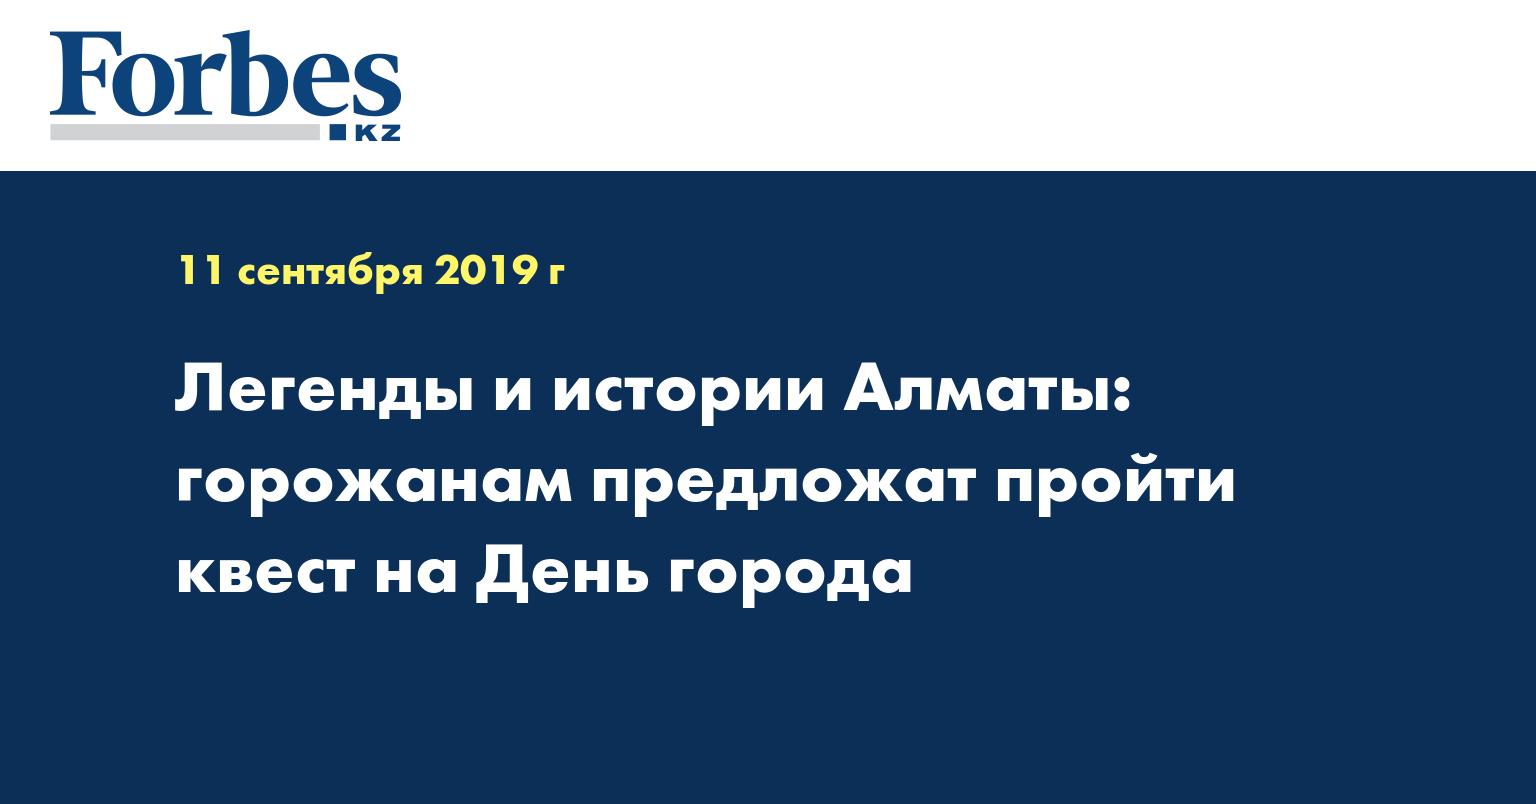 Легенды и истории Алматы: горожанам предложат пройти квест на День города